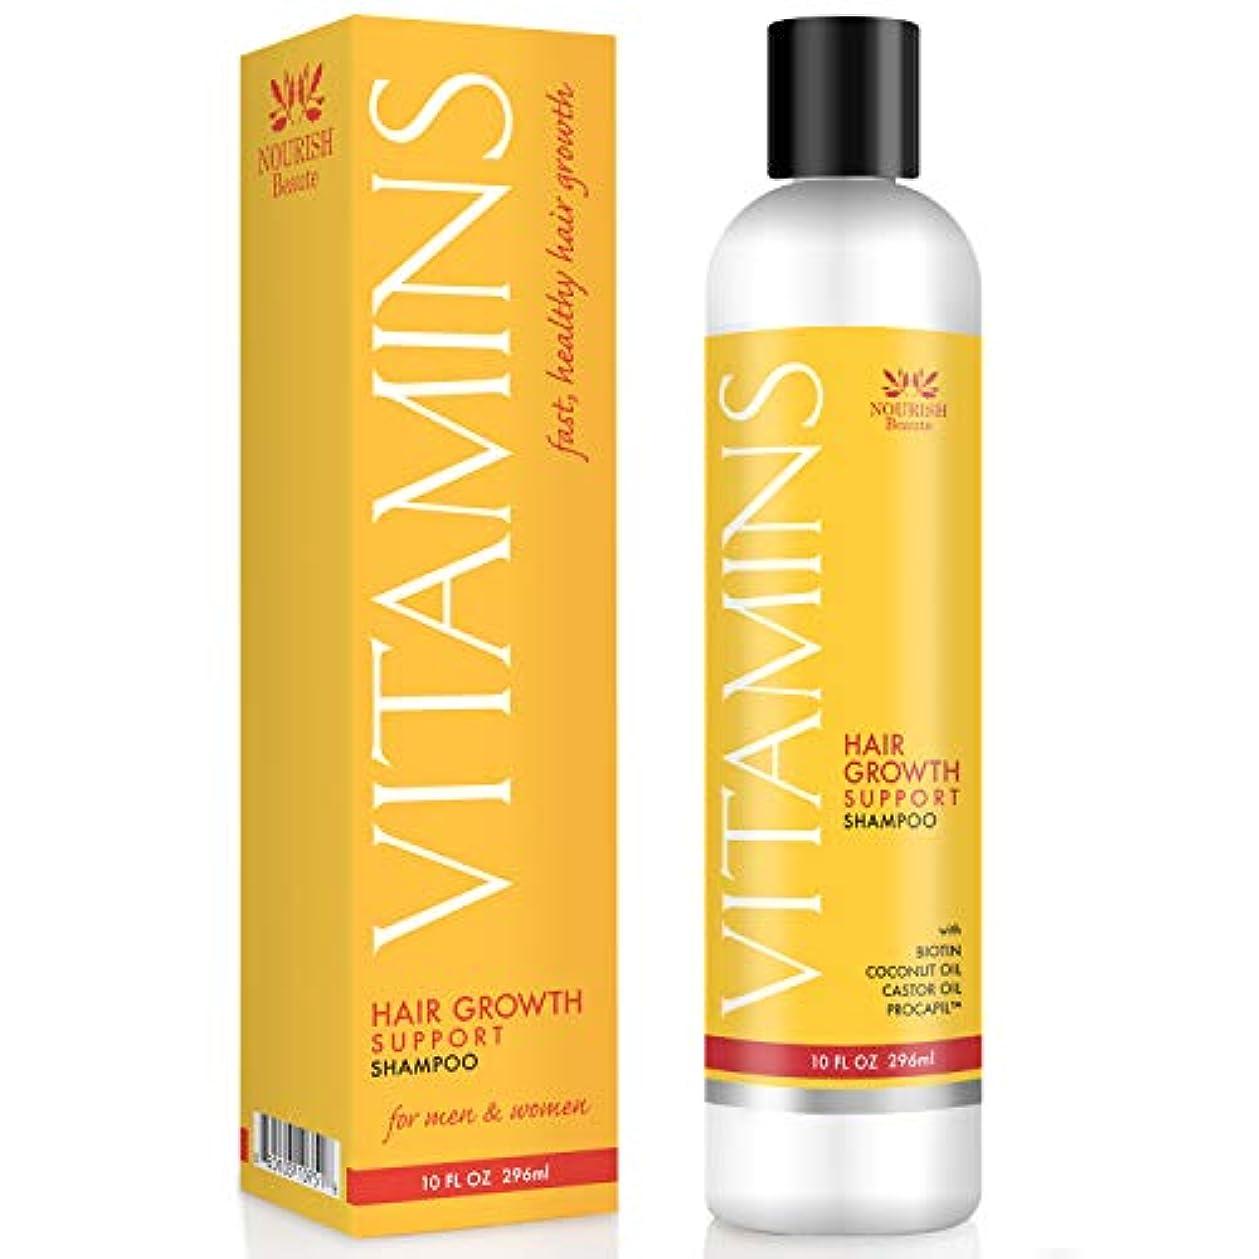 探す驚かす美容師Vitamins Hair Loss Shampoo - 121% Regrowth and 47% Less Thinning - With DHT Blockers and Biotin for Hair Growth...